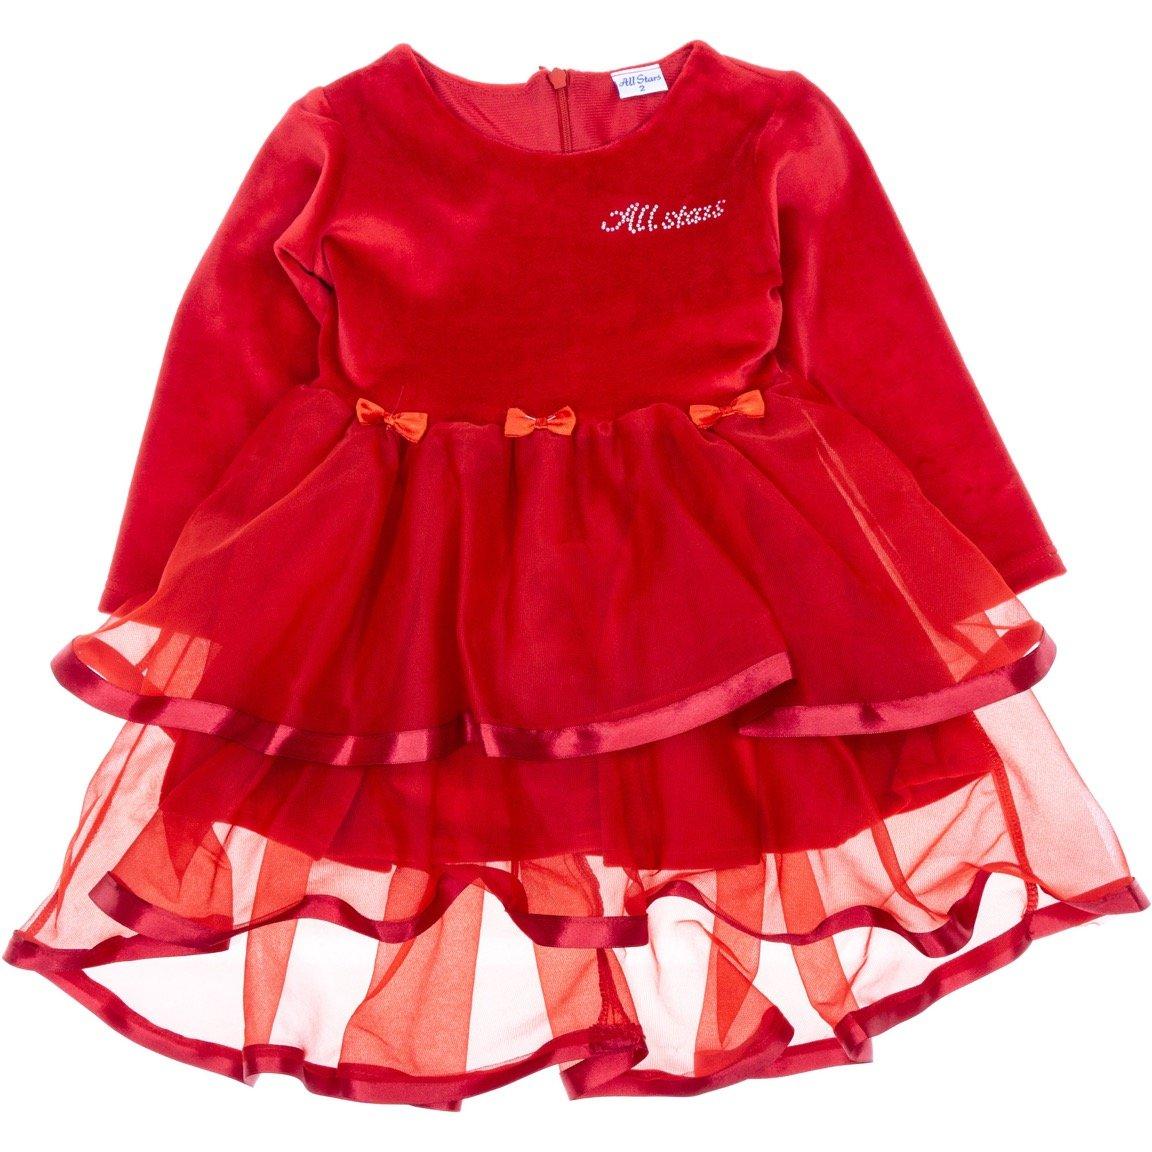 All Stars παιδικό βελουτέ φόρεμα «Froufrou»